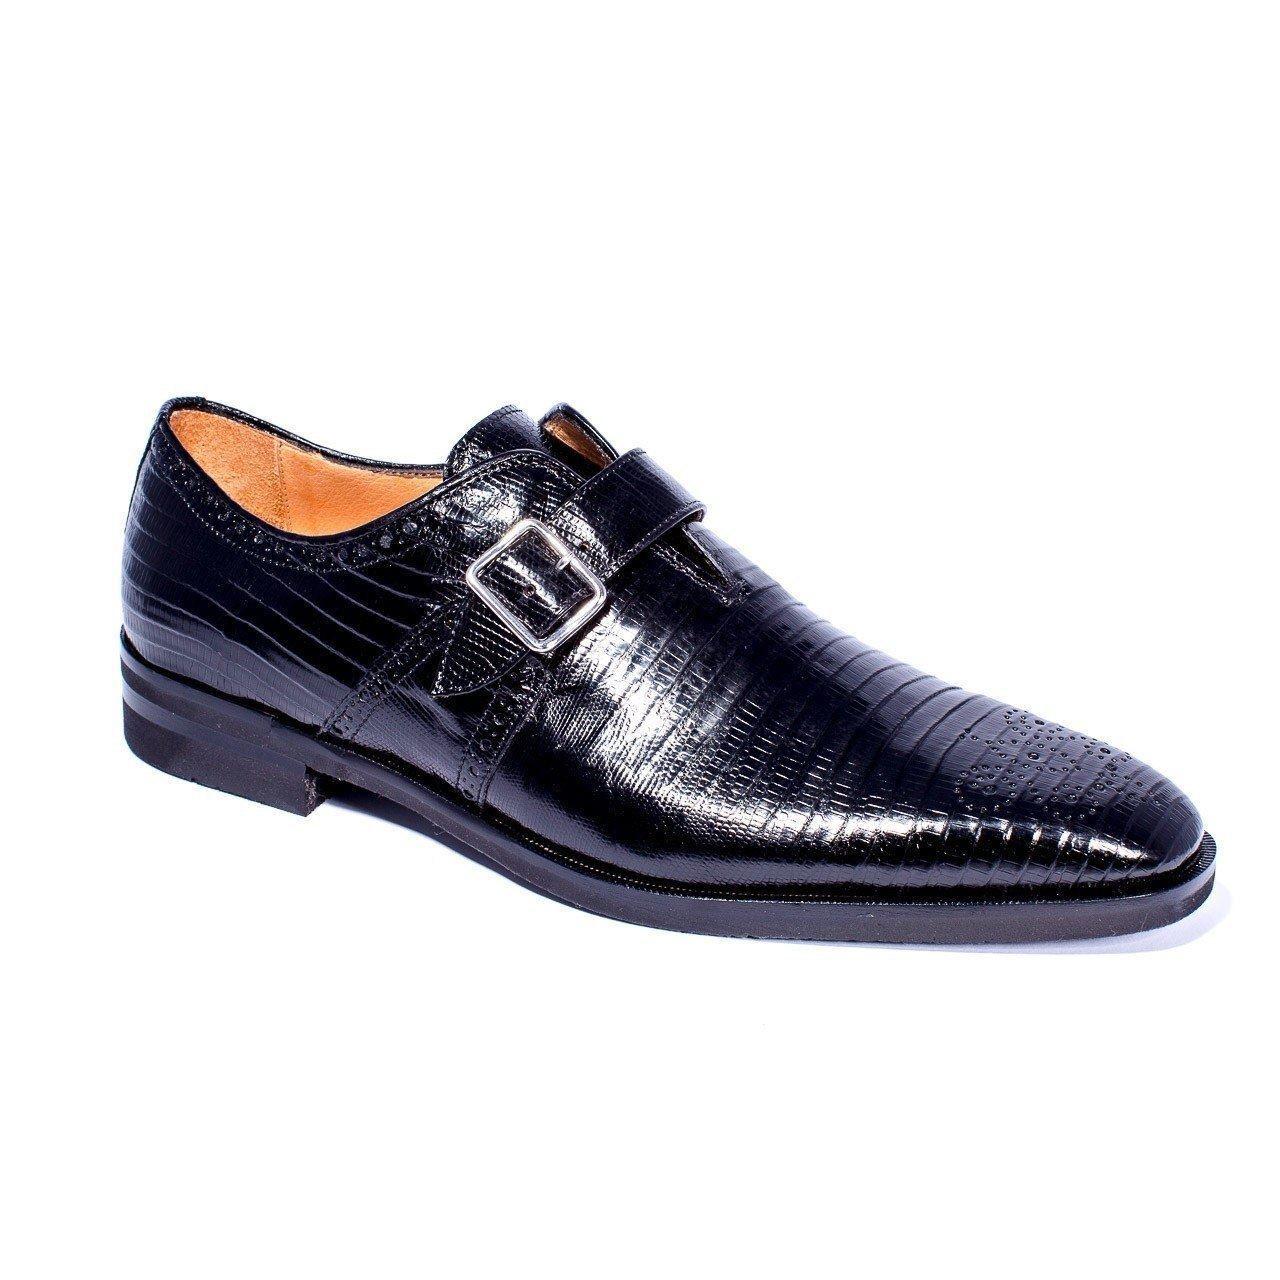 comprare a buon mercato Zelli Antonio nero Lizard Lizard Lizard Monk Strap scarpe  a prezzi accessibili